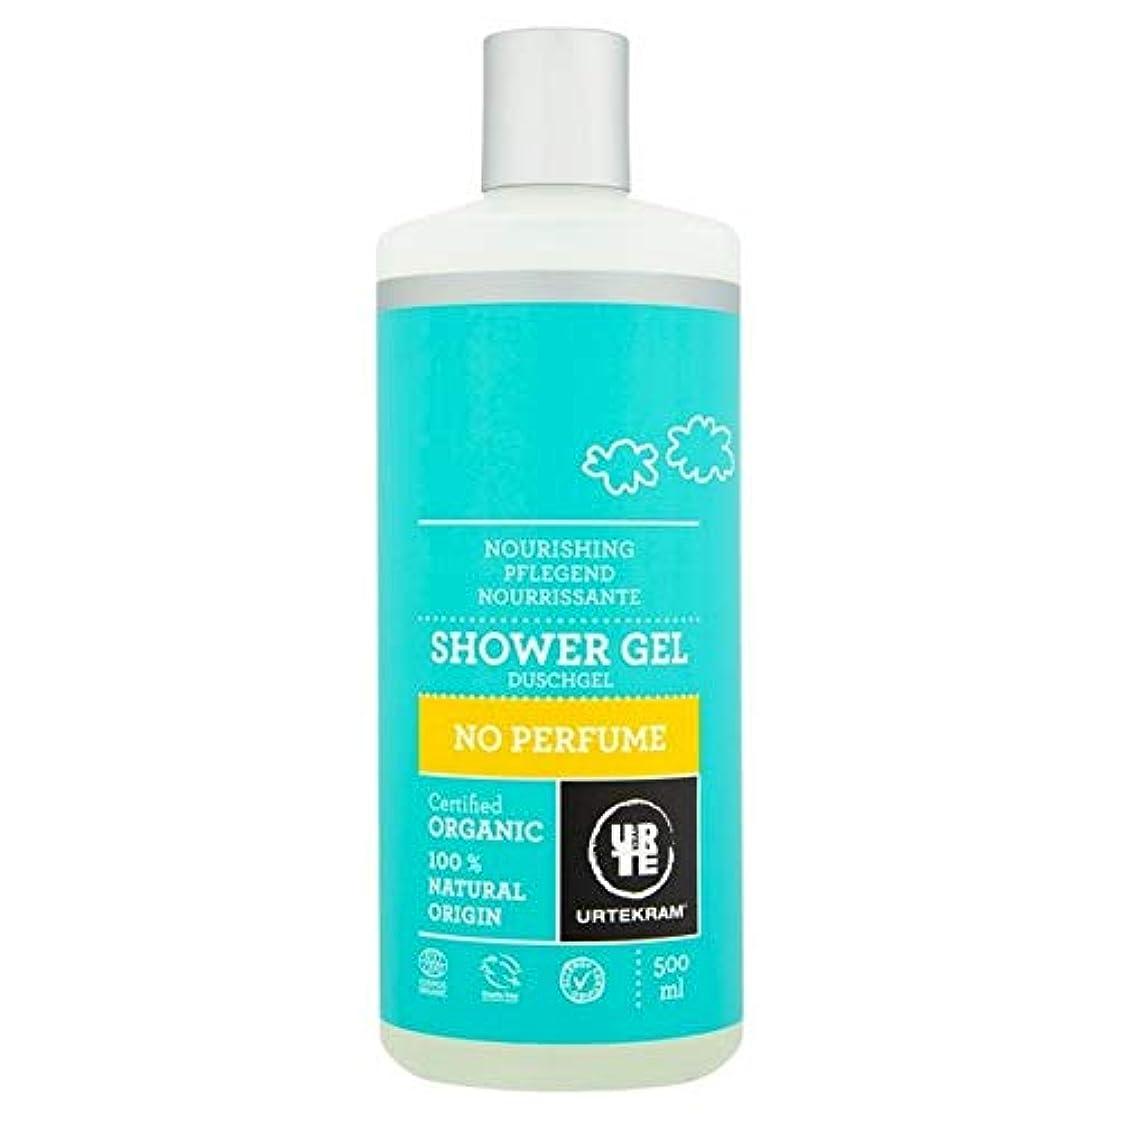 自発的金銭的な然とした[Urtekram] 何の香水シャワージェル500ミリリットルをUrtekramありません - Urtekram No Perfume Shower Gel 500ml [並行輸入品]